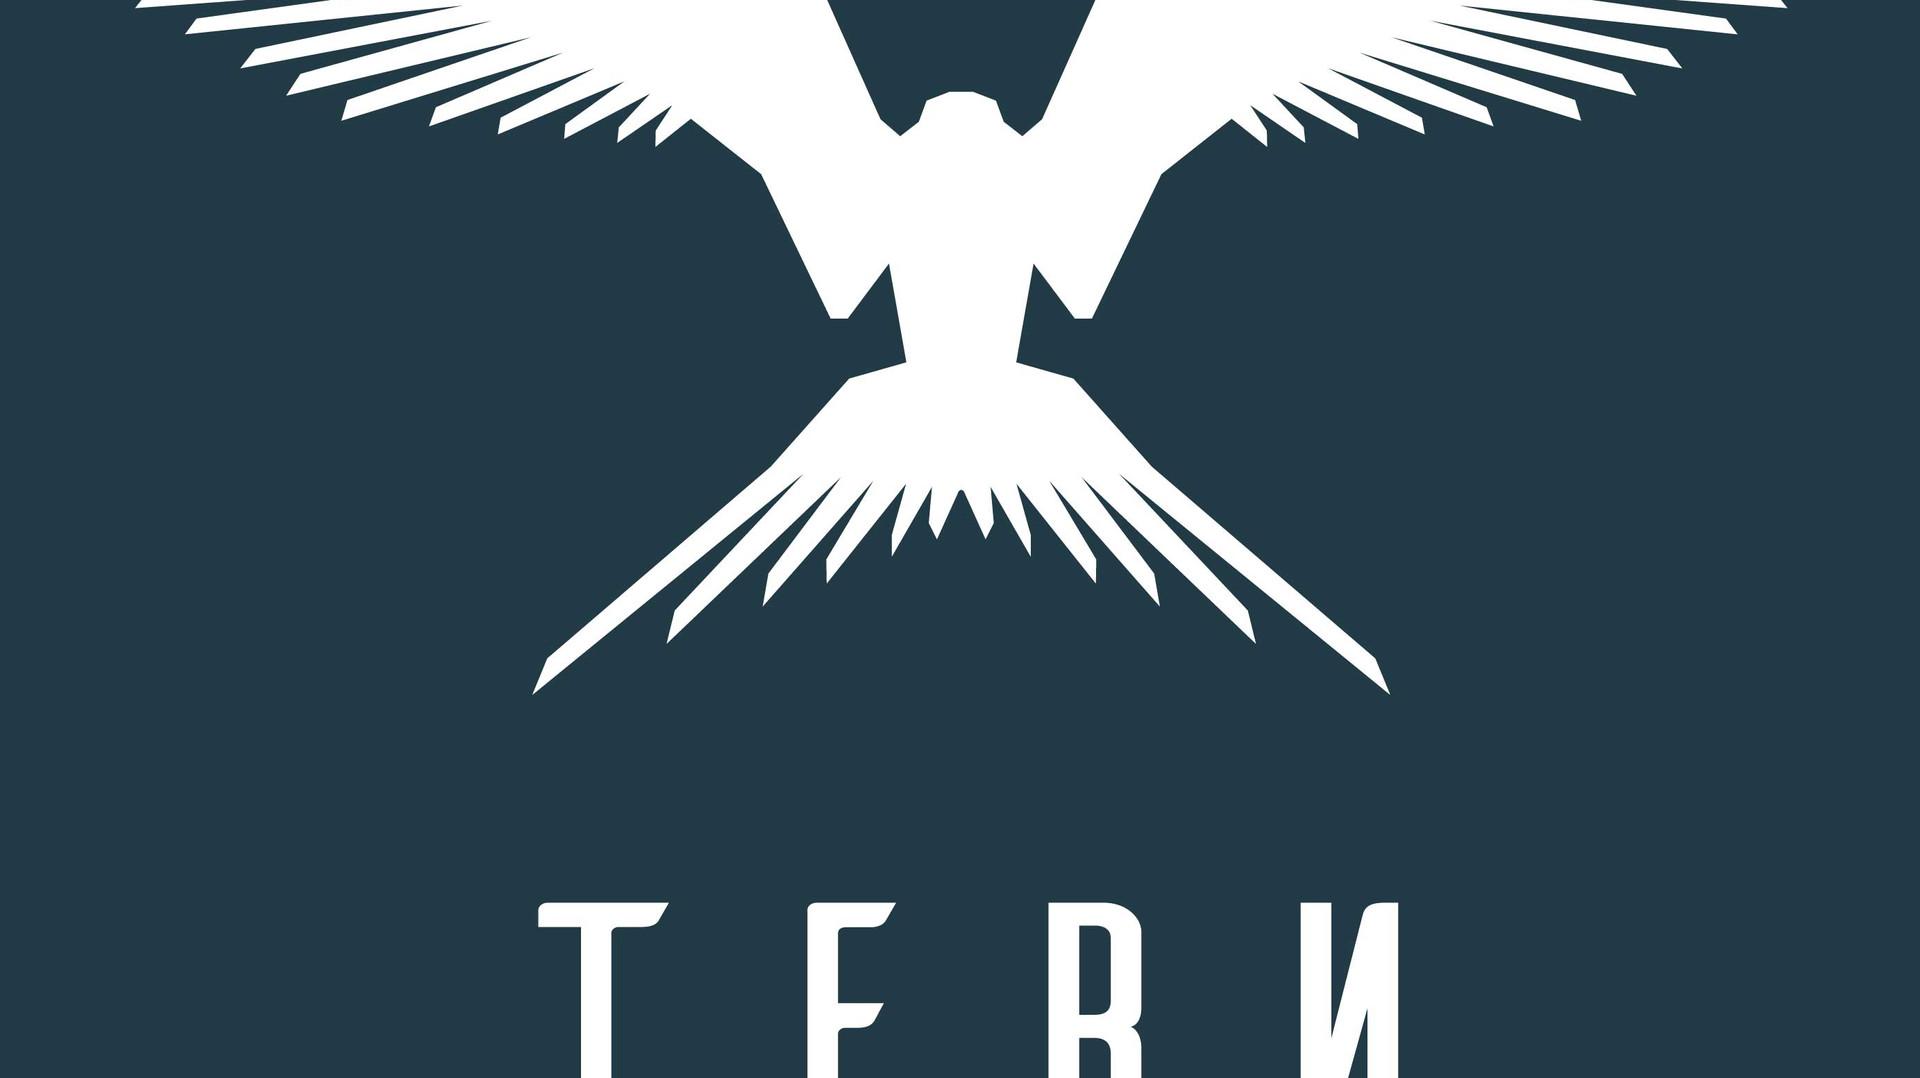 T E R N  Branding